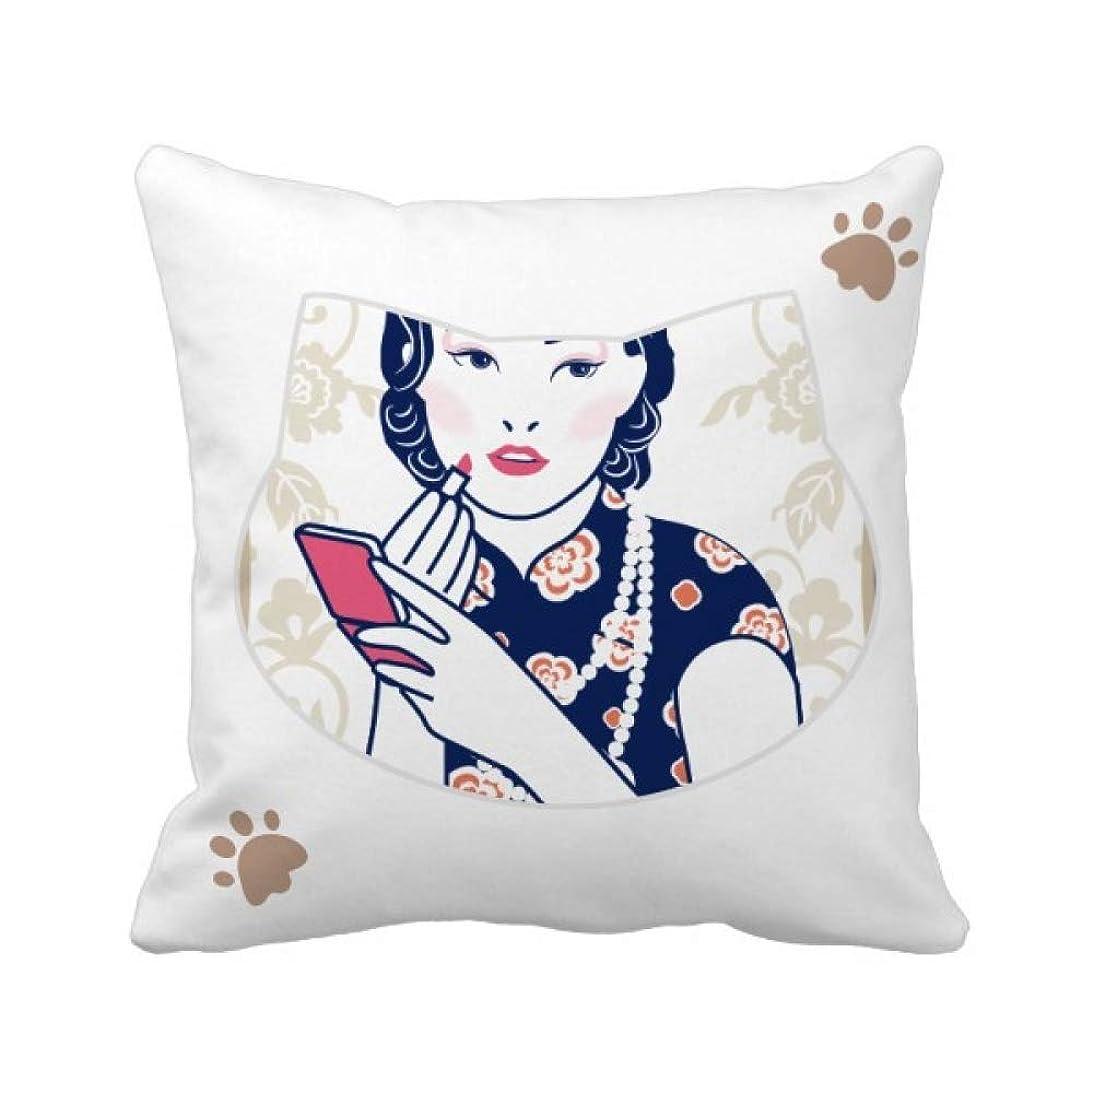 成分旅行代理店スリラー中国文化のピンクの女性 枕カバーを放り投げる猫広場 50cm x 50cm